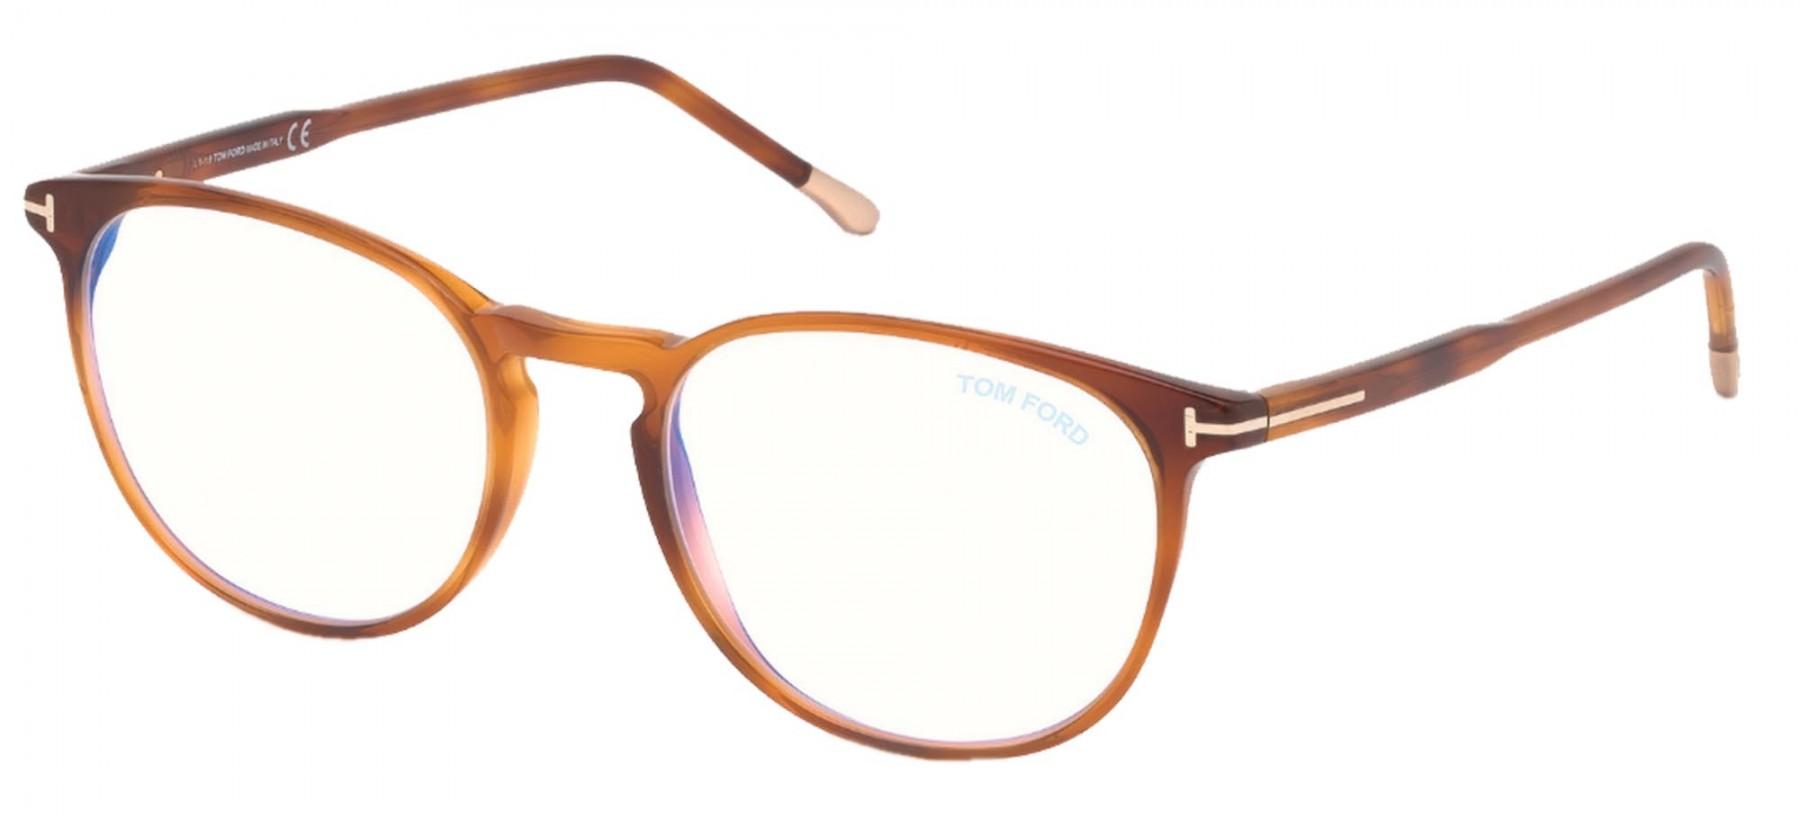 Tom Ford 5608B 053 Blue Block Tam 52 - Oculos de Grau